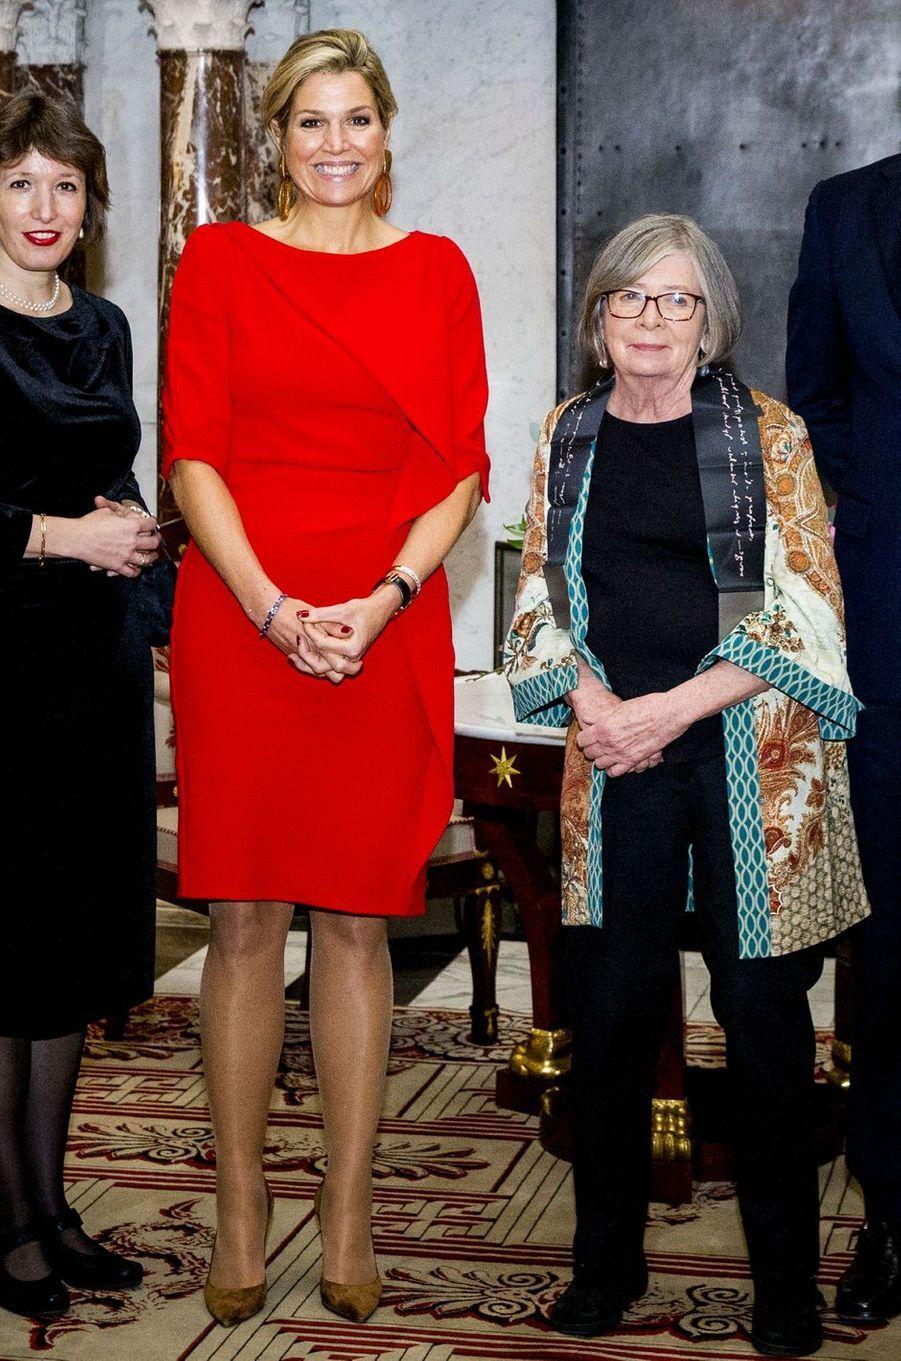 La reine Maxima des Pays-Bas avec Barbara Ehrenreich à Amsterdam, le 27 novembre 2018